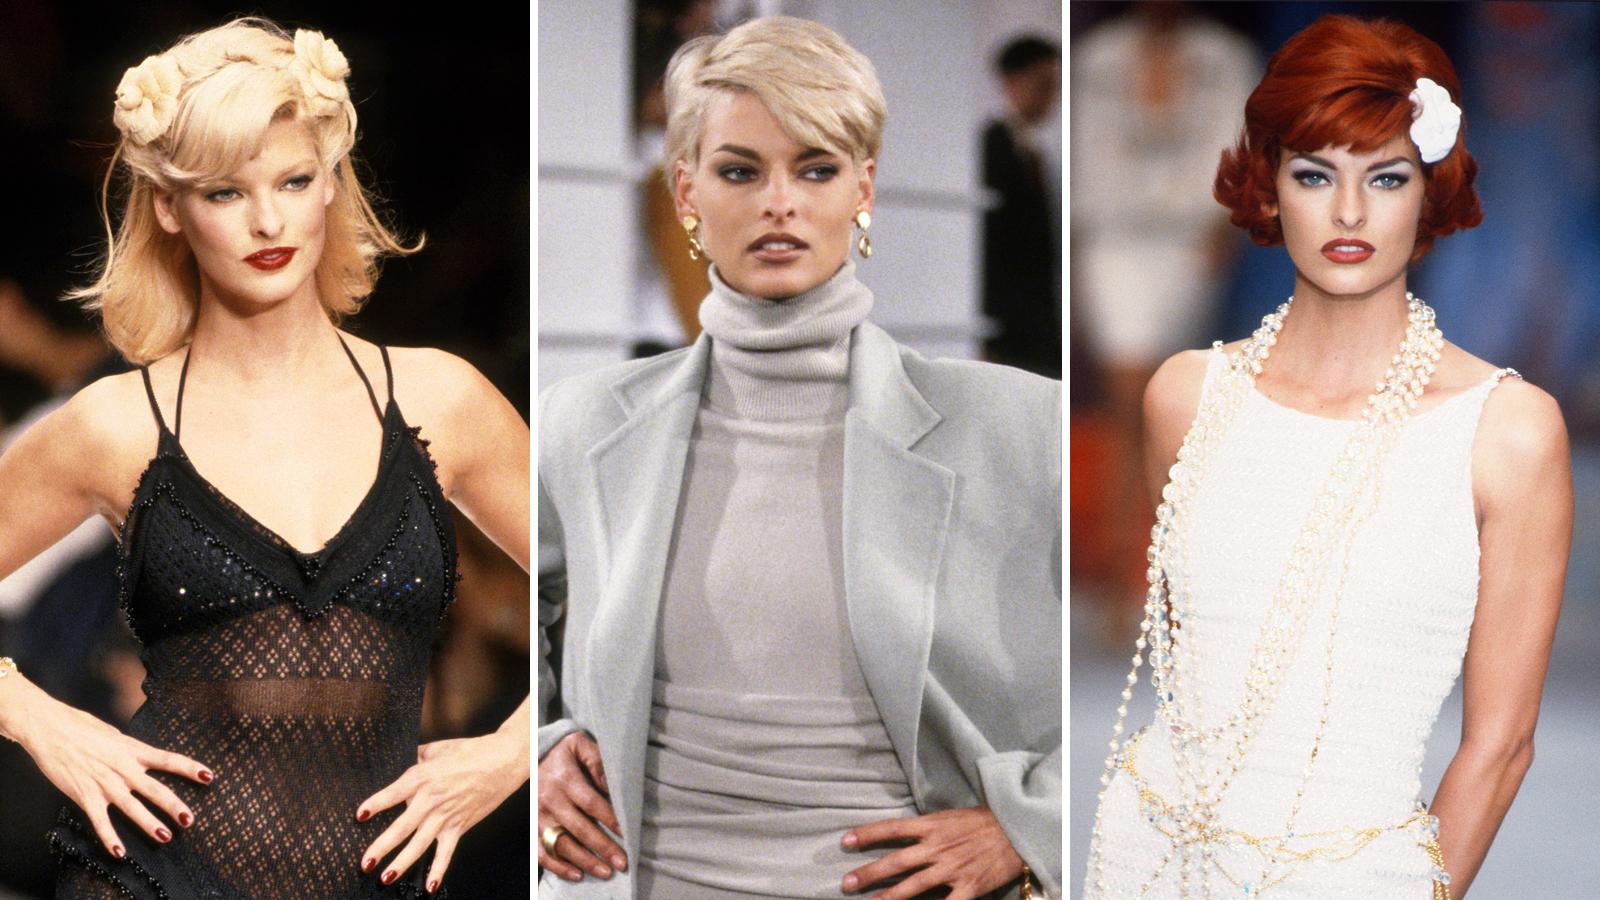 Linda Evangelista Best Looks: Her Top 20 Style Moments Ever